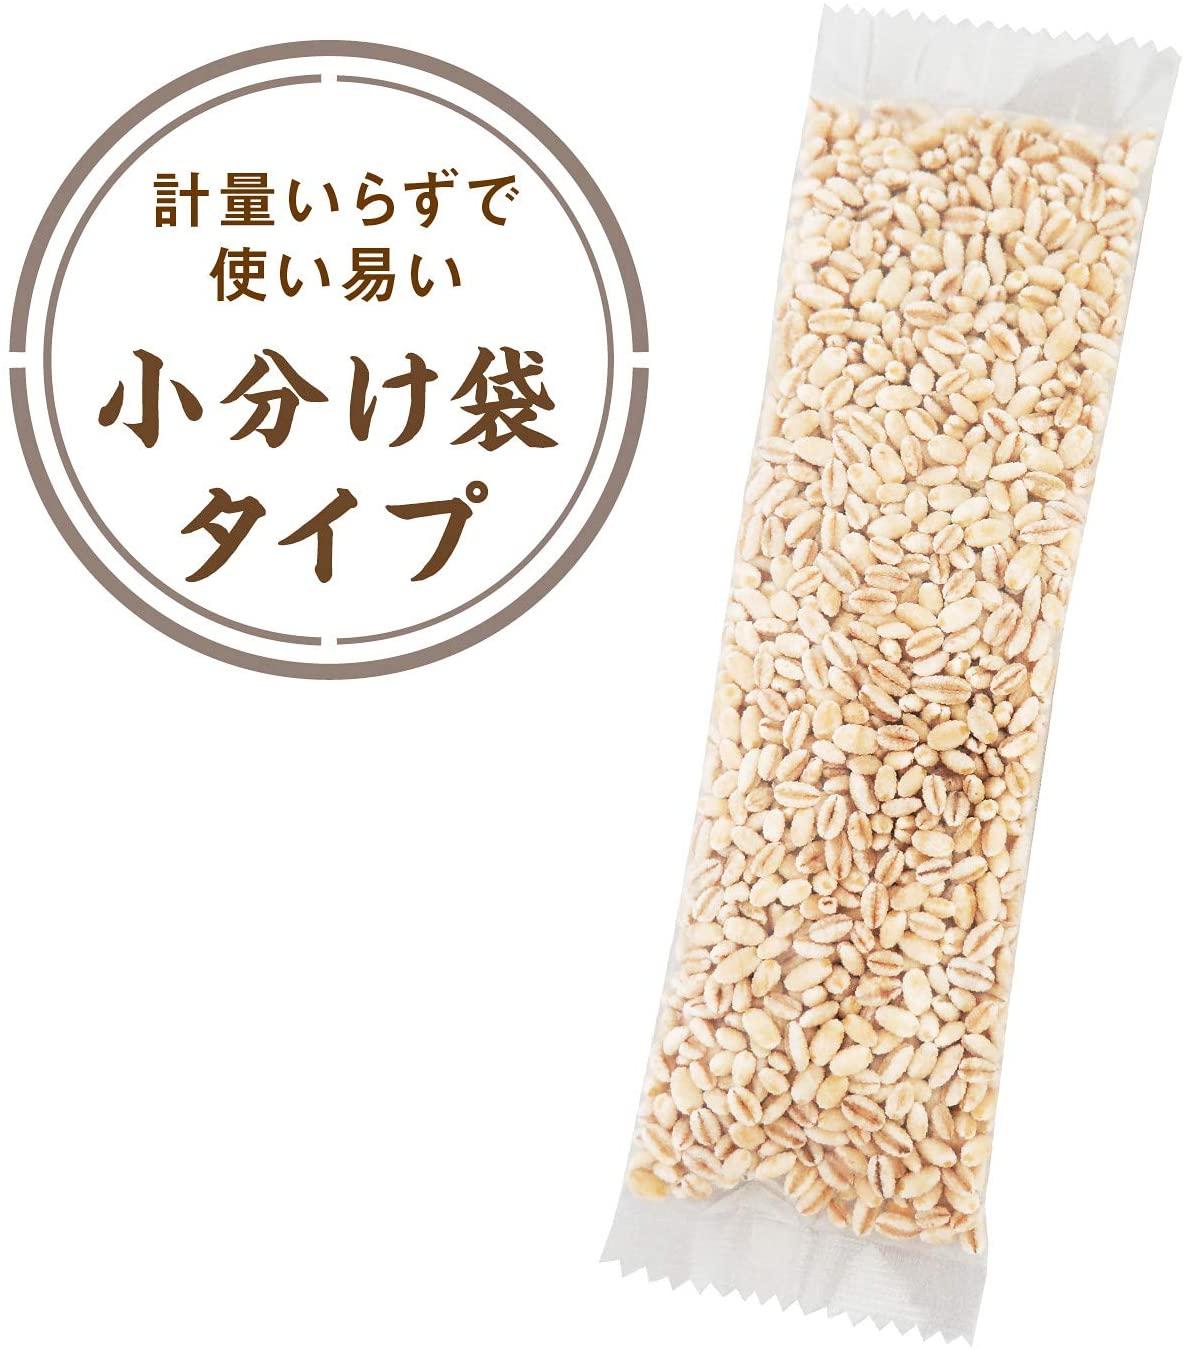 もち麦 600g(50g×12)×6